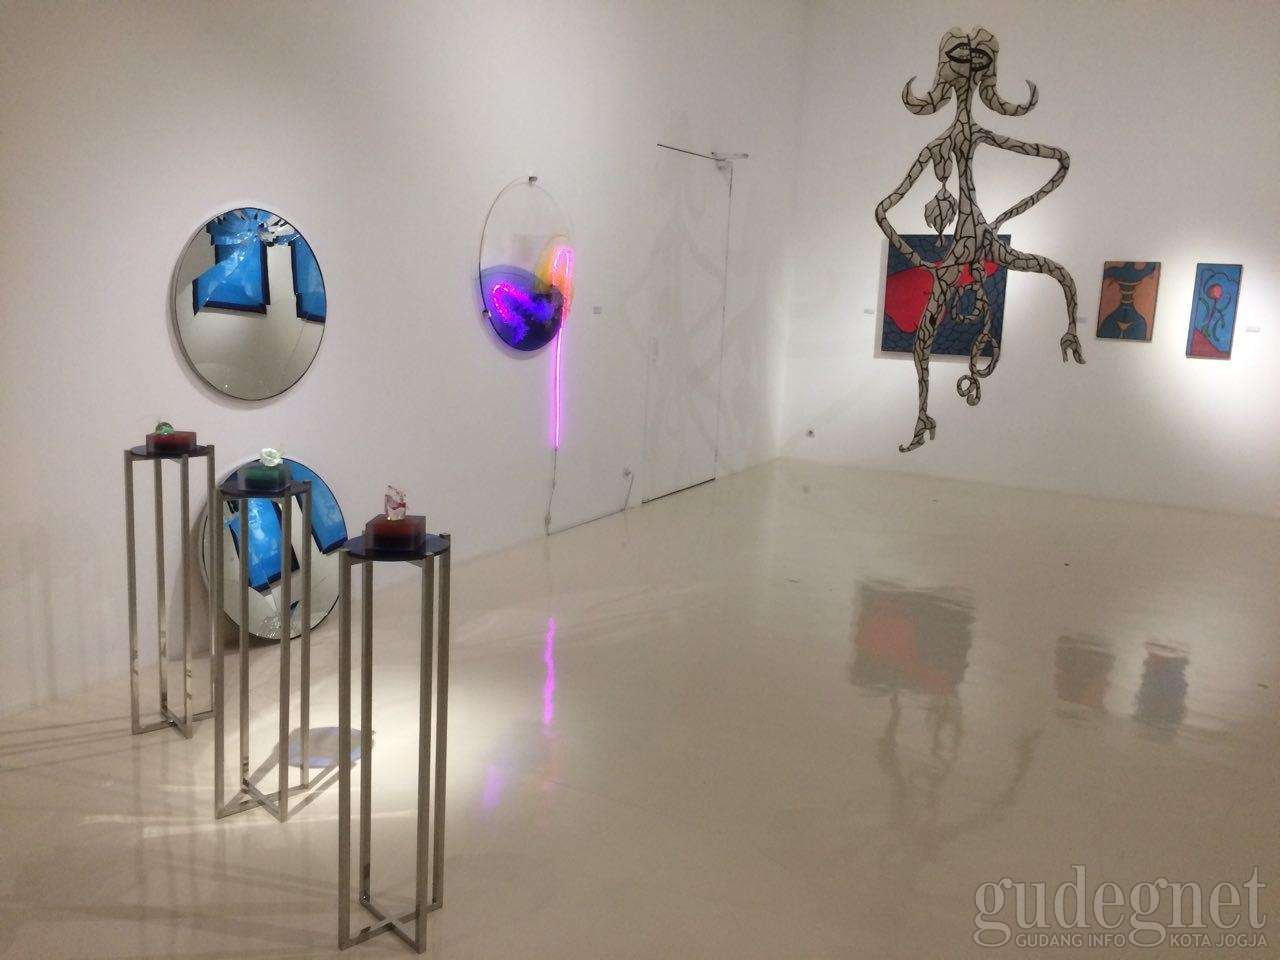 Medium at Play, Pameran Seni Rupa dengan Berbagai Media